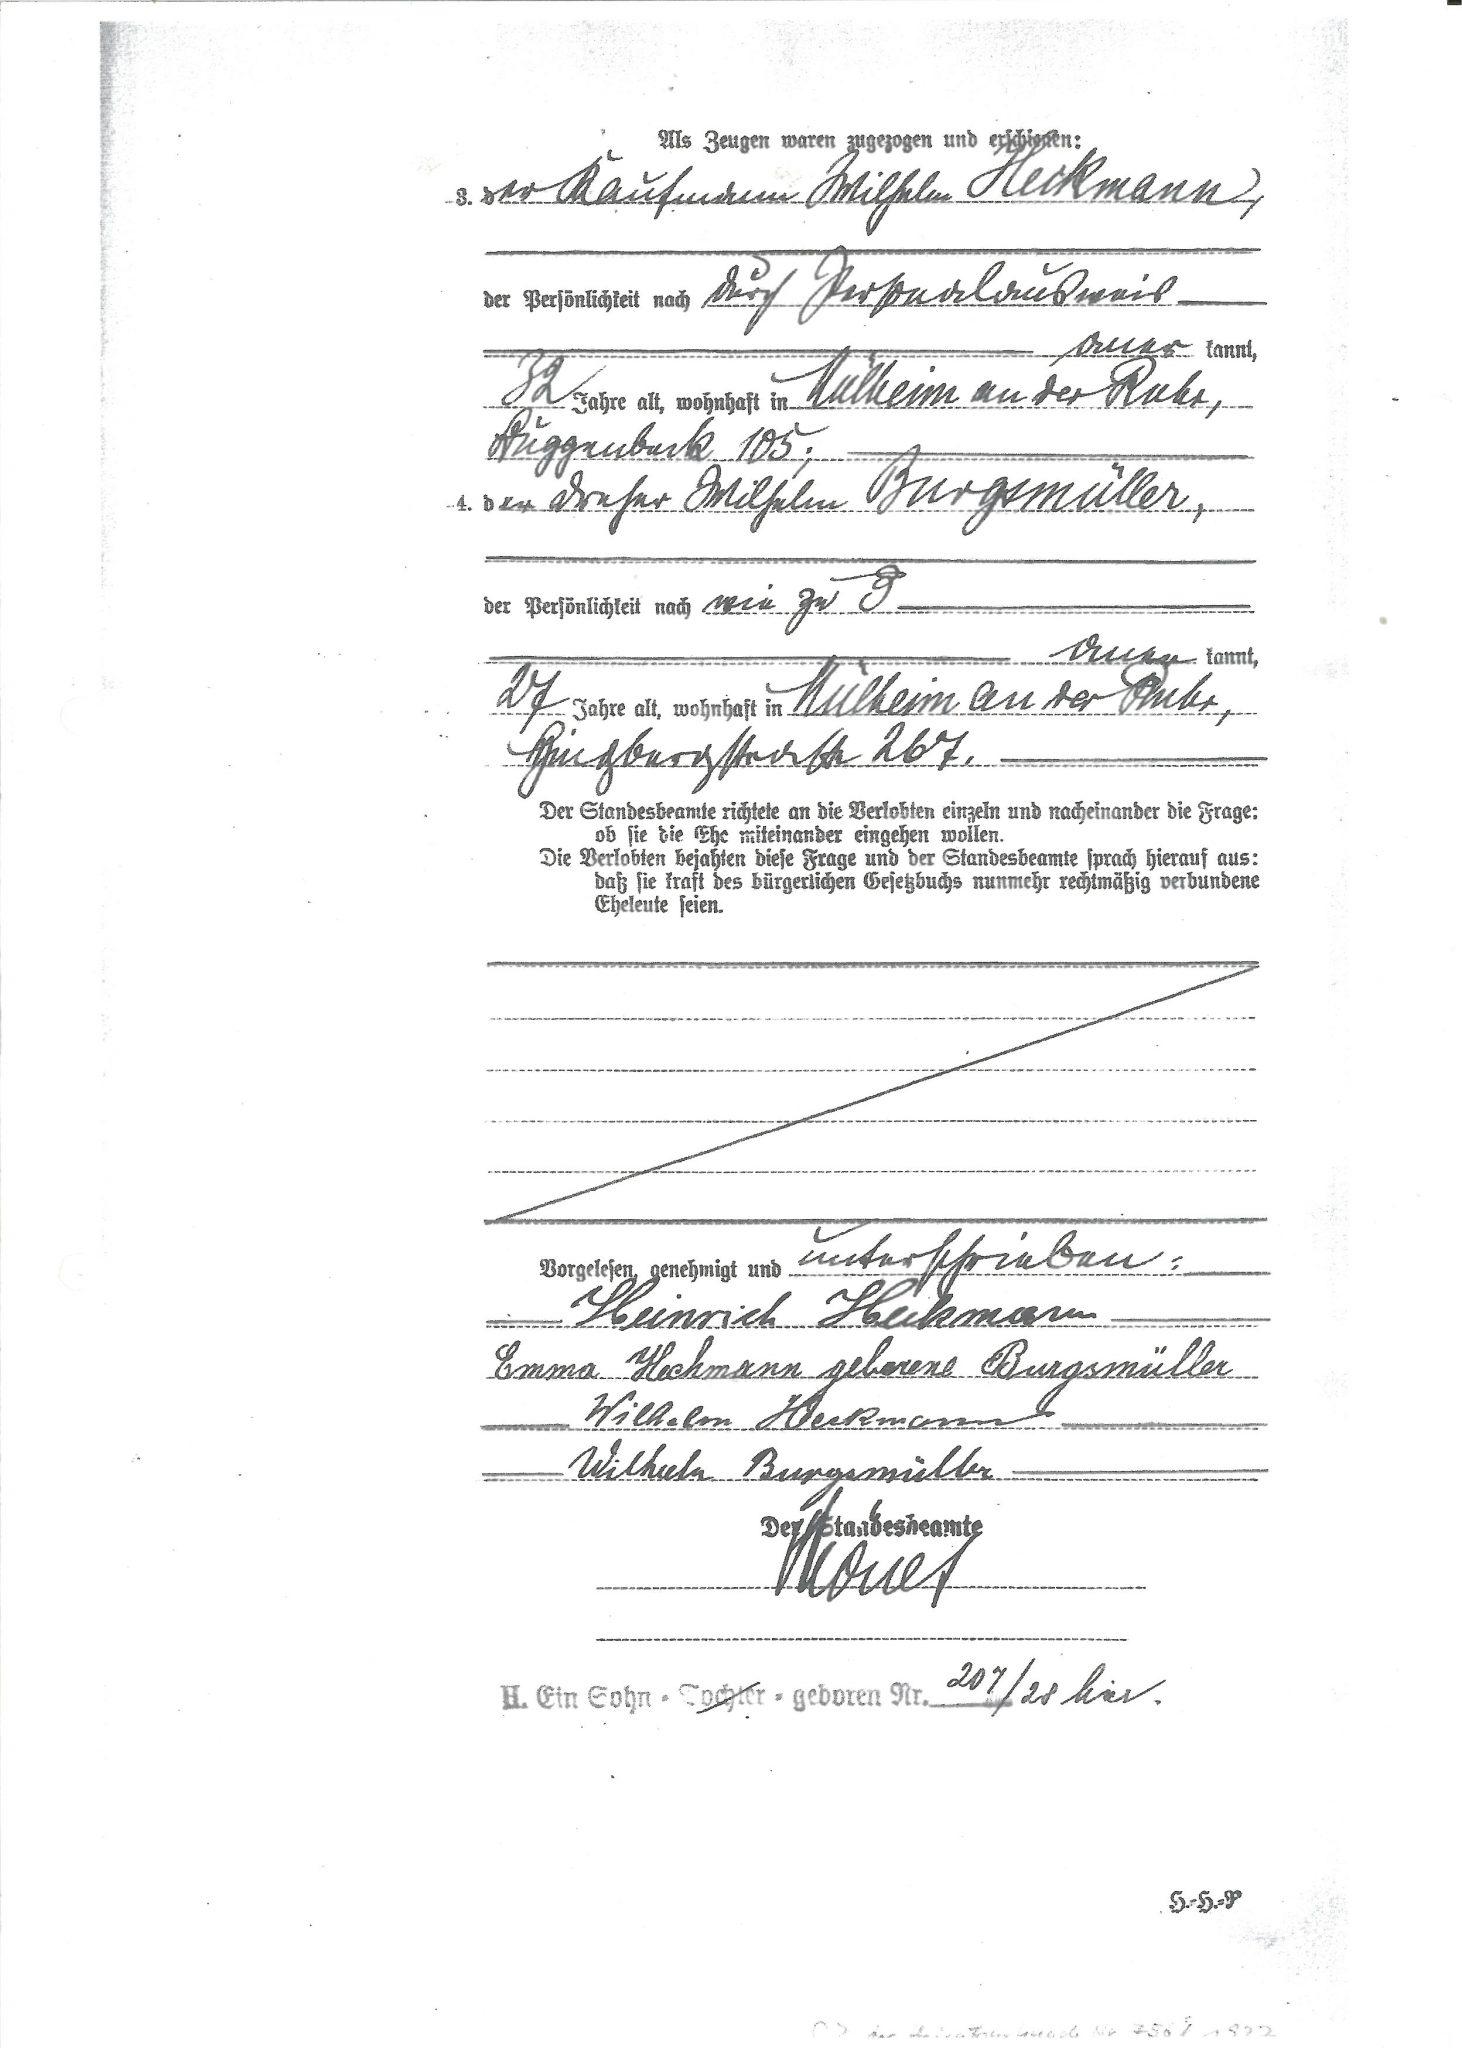 Das Datum ist in Sütterlin geschrieben